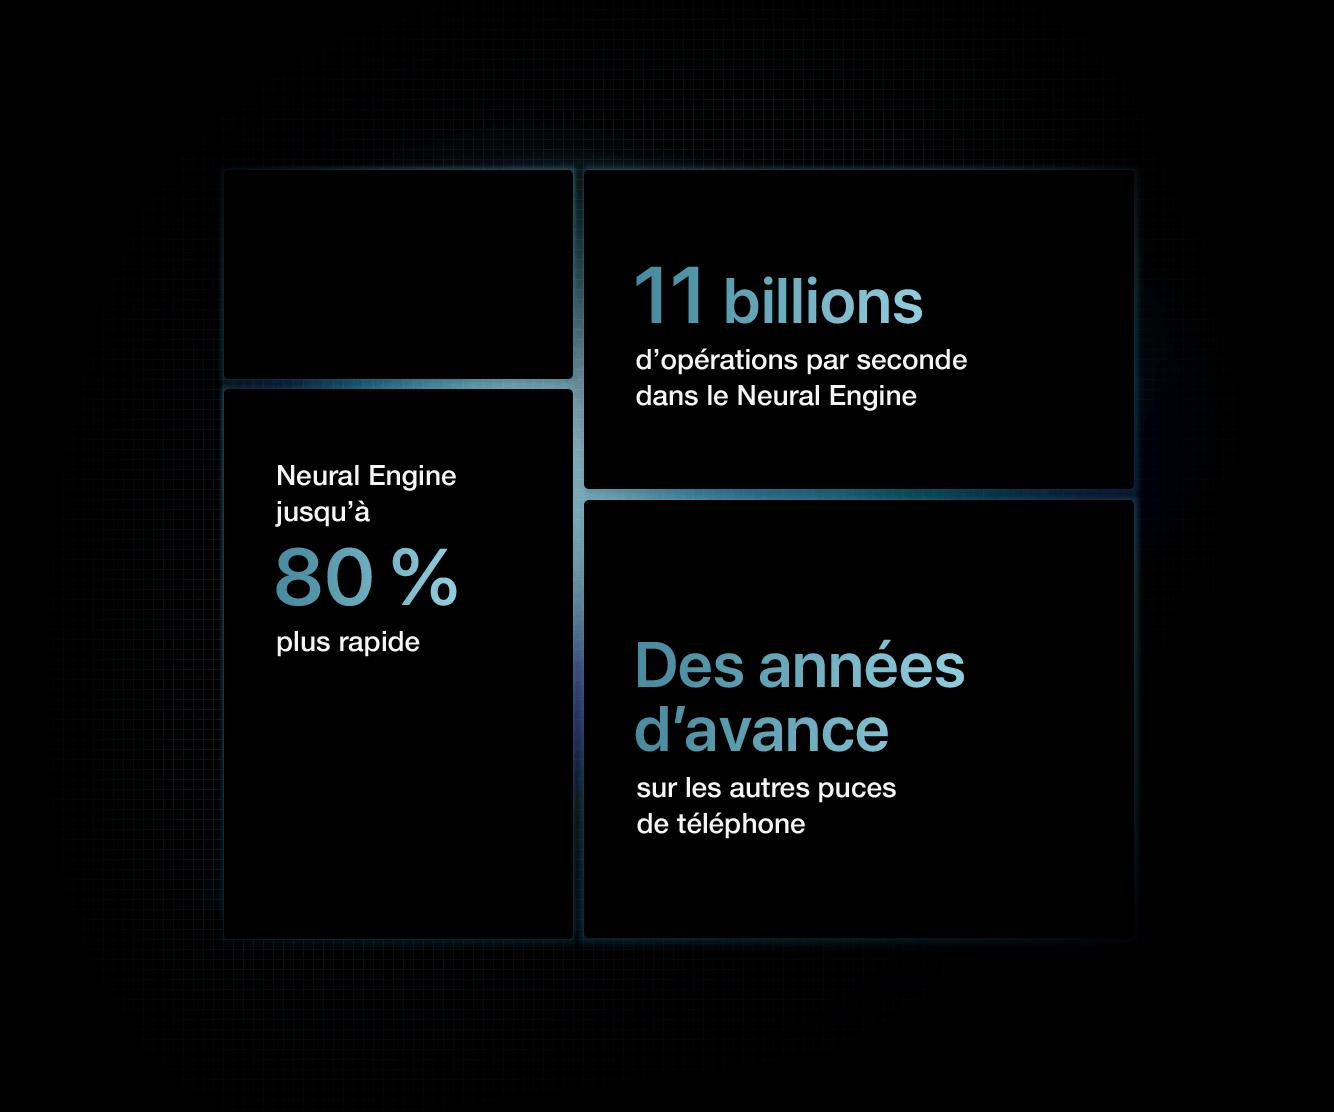 Puce A14 Bionic avec un moteur neuronal jusqu'à 80% plus rapide. Des générations d'avance sur toute autre puce de téléphone intelligent avec 11 billions d'activités par seconde sur le moteur neuronal